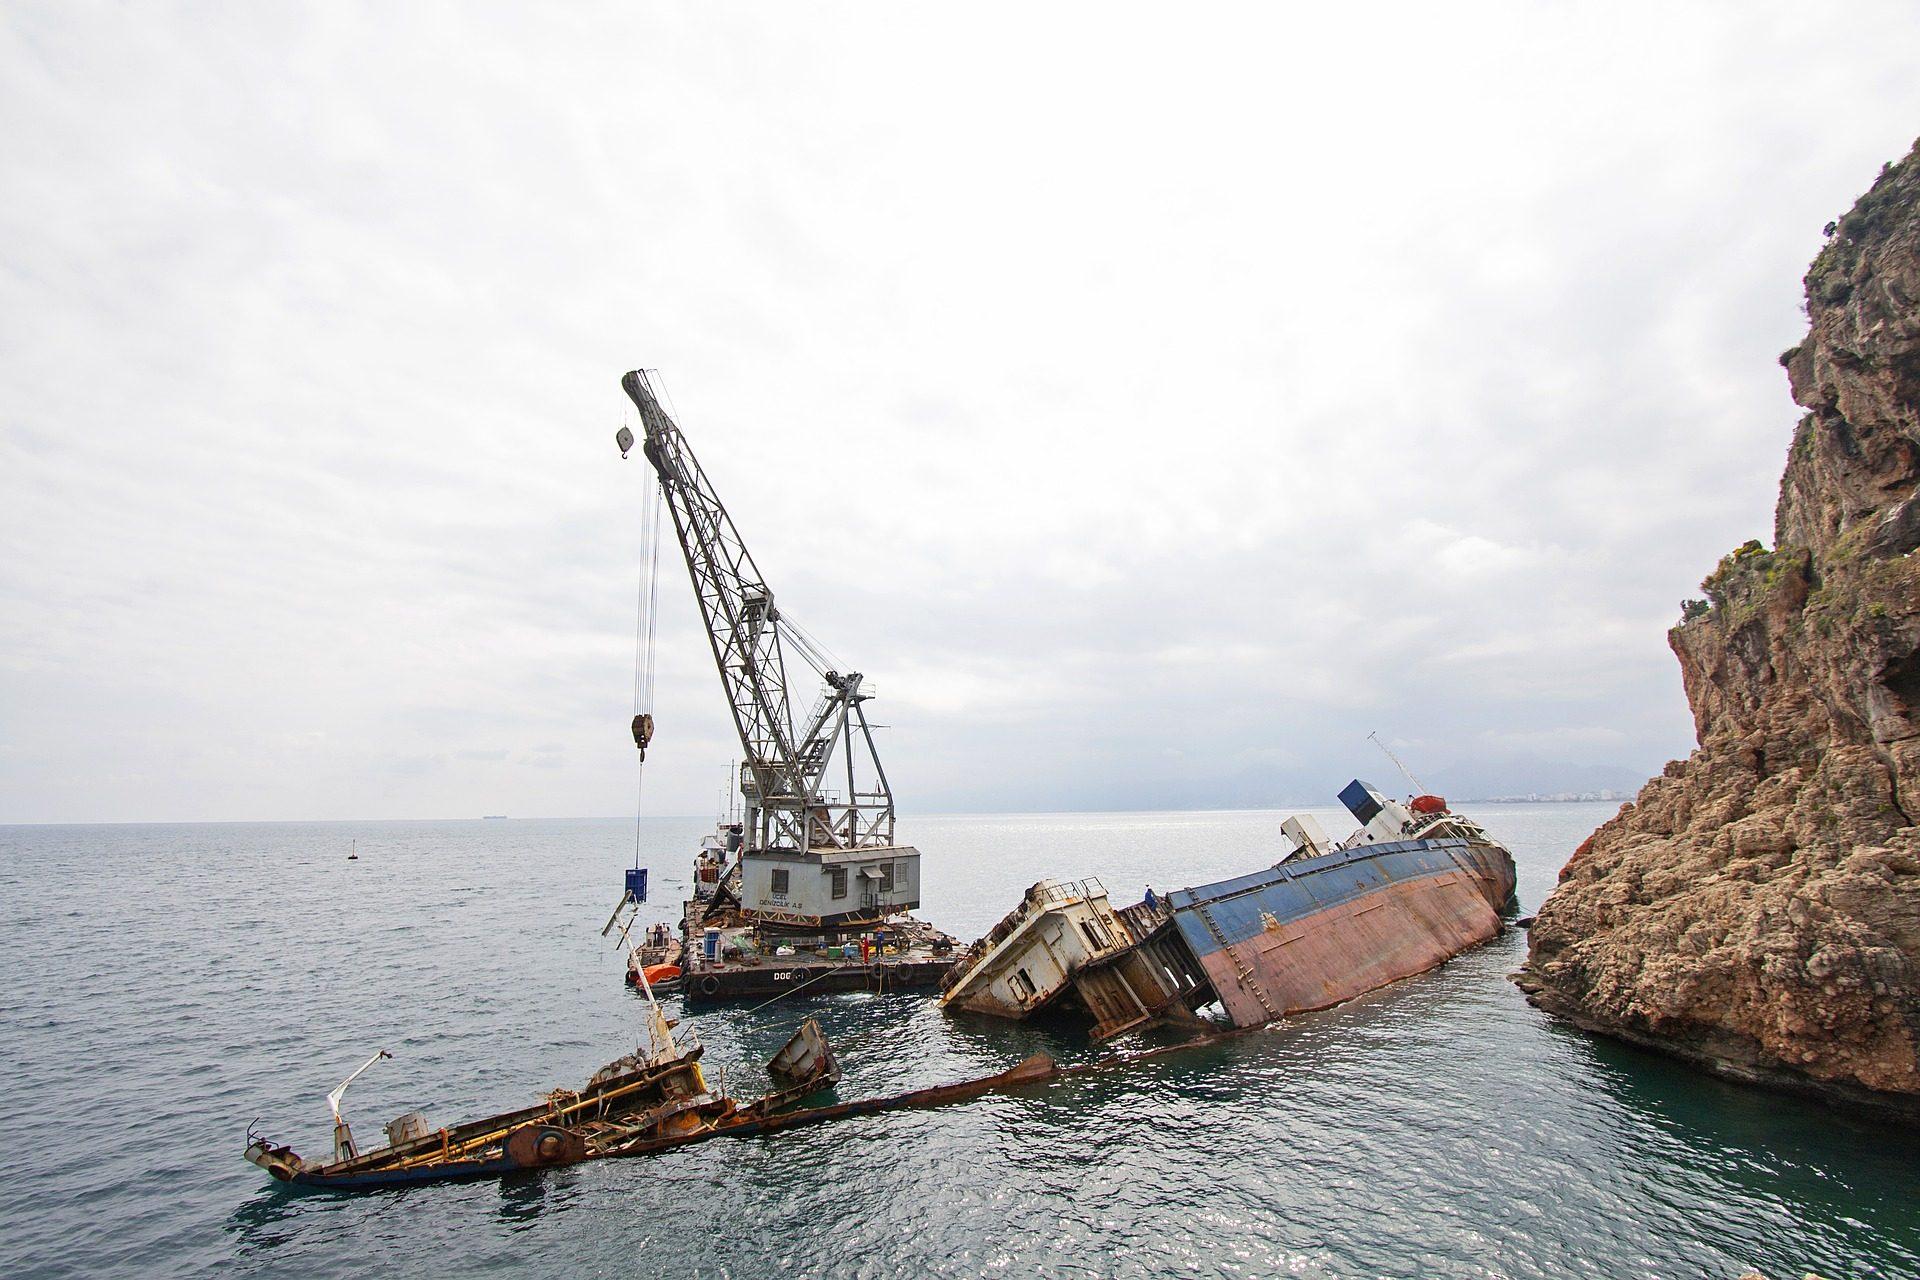 ボート, 船, 事故, 沈没, クレーン, 災害 - HD の壁紙 - 教授-falken.com